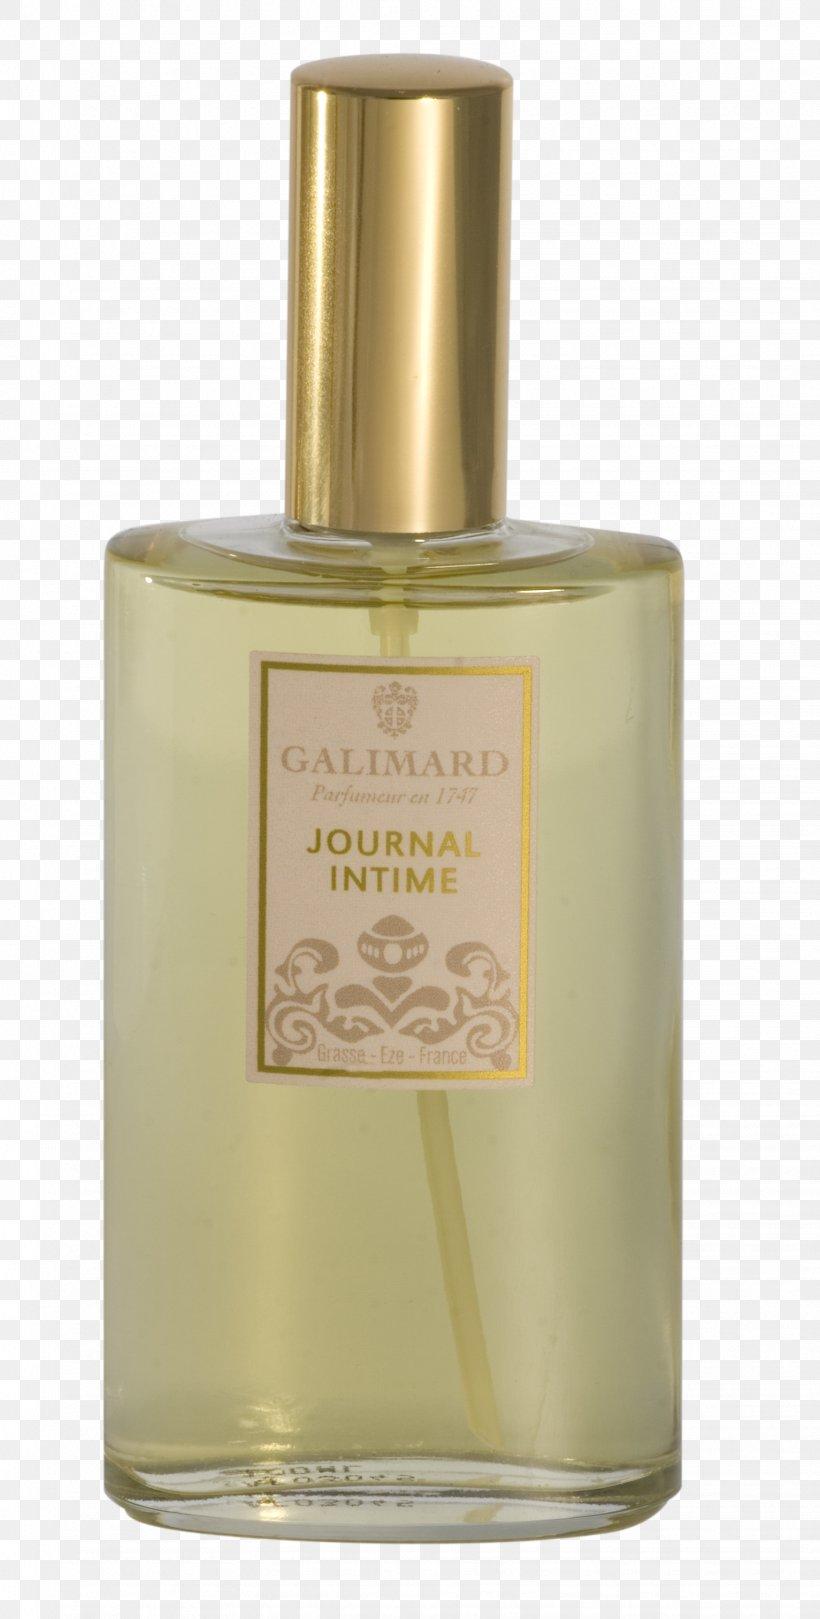 Perfume Eau De Toilette Galimard, PNG, 1533x3027px, Perfume, Cosmetics, Eau De Toilette, Liquid Download Free